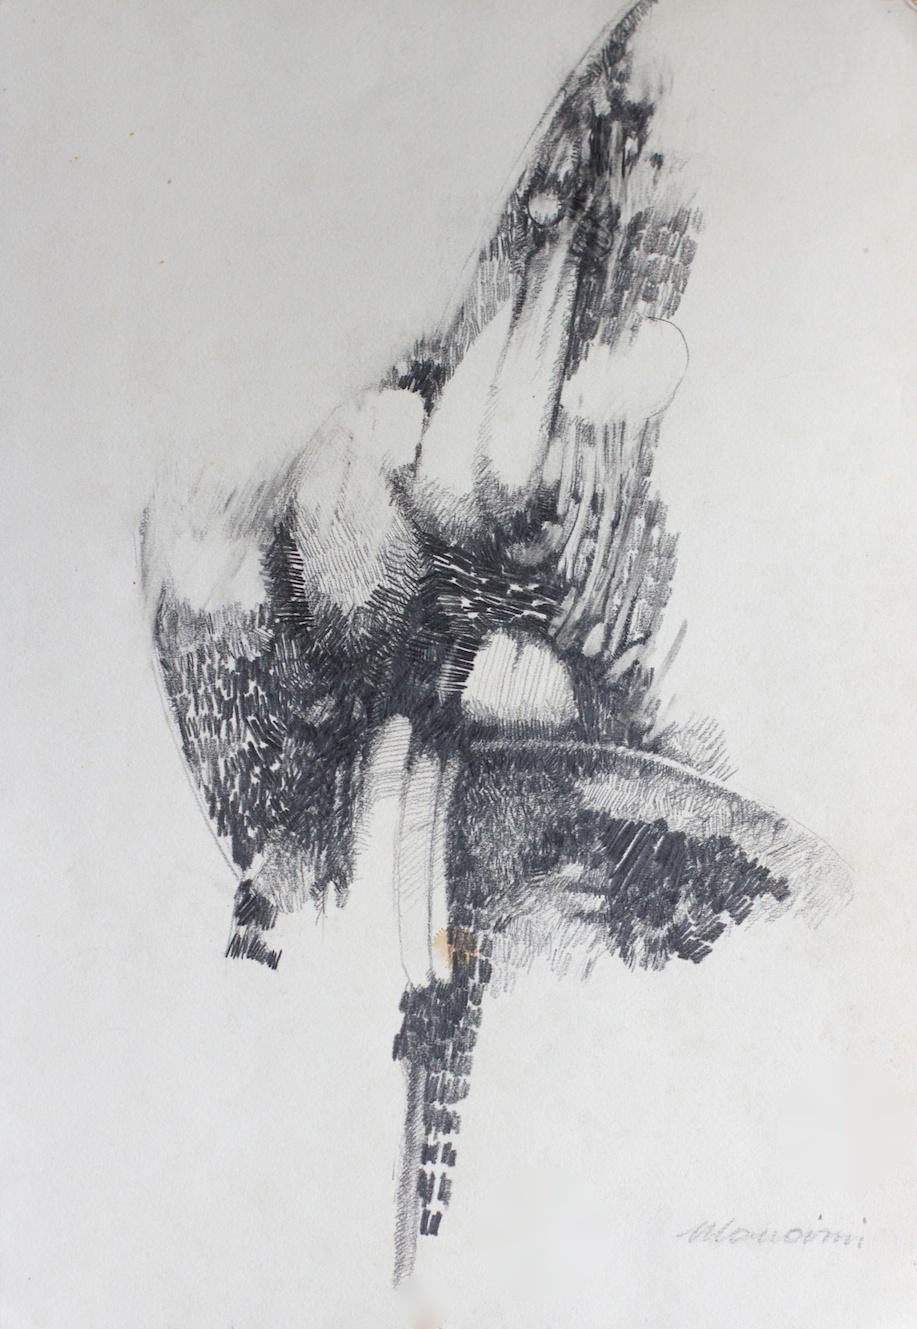 Lacerazioni (Lacerations) - matita e carboncino su carta (pencil and charcoal on paper) - 1972